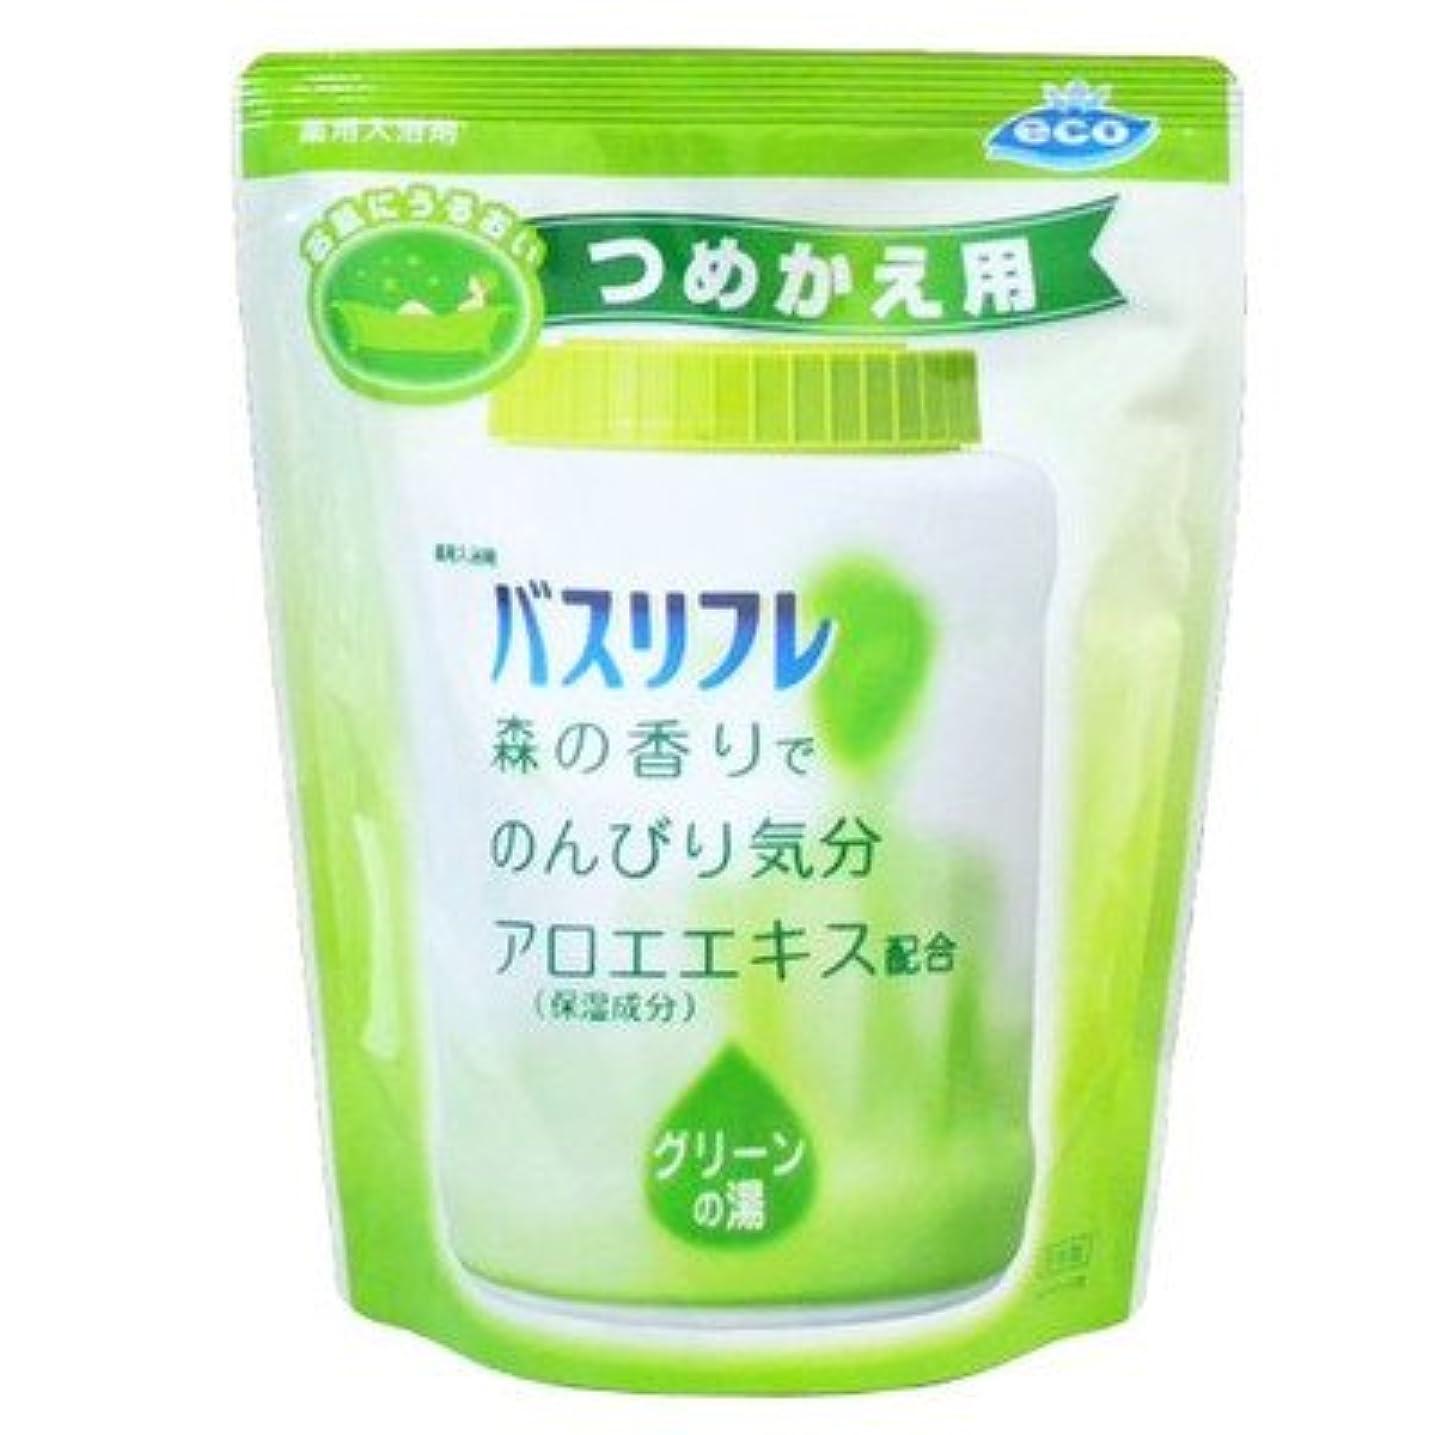 承認するハンバーガー実現可能薬用入浴剤 バスリフレ グリーンの湯 つめかえ用 540g 森の香り (ライオンケミカル)